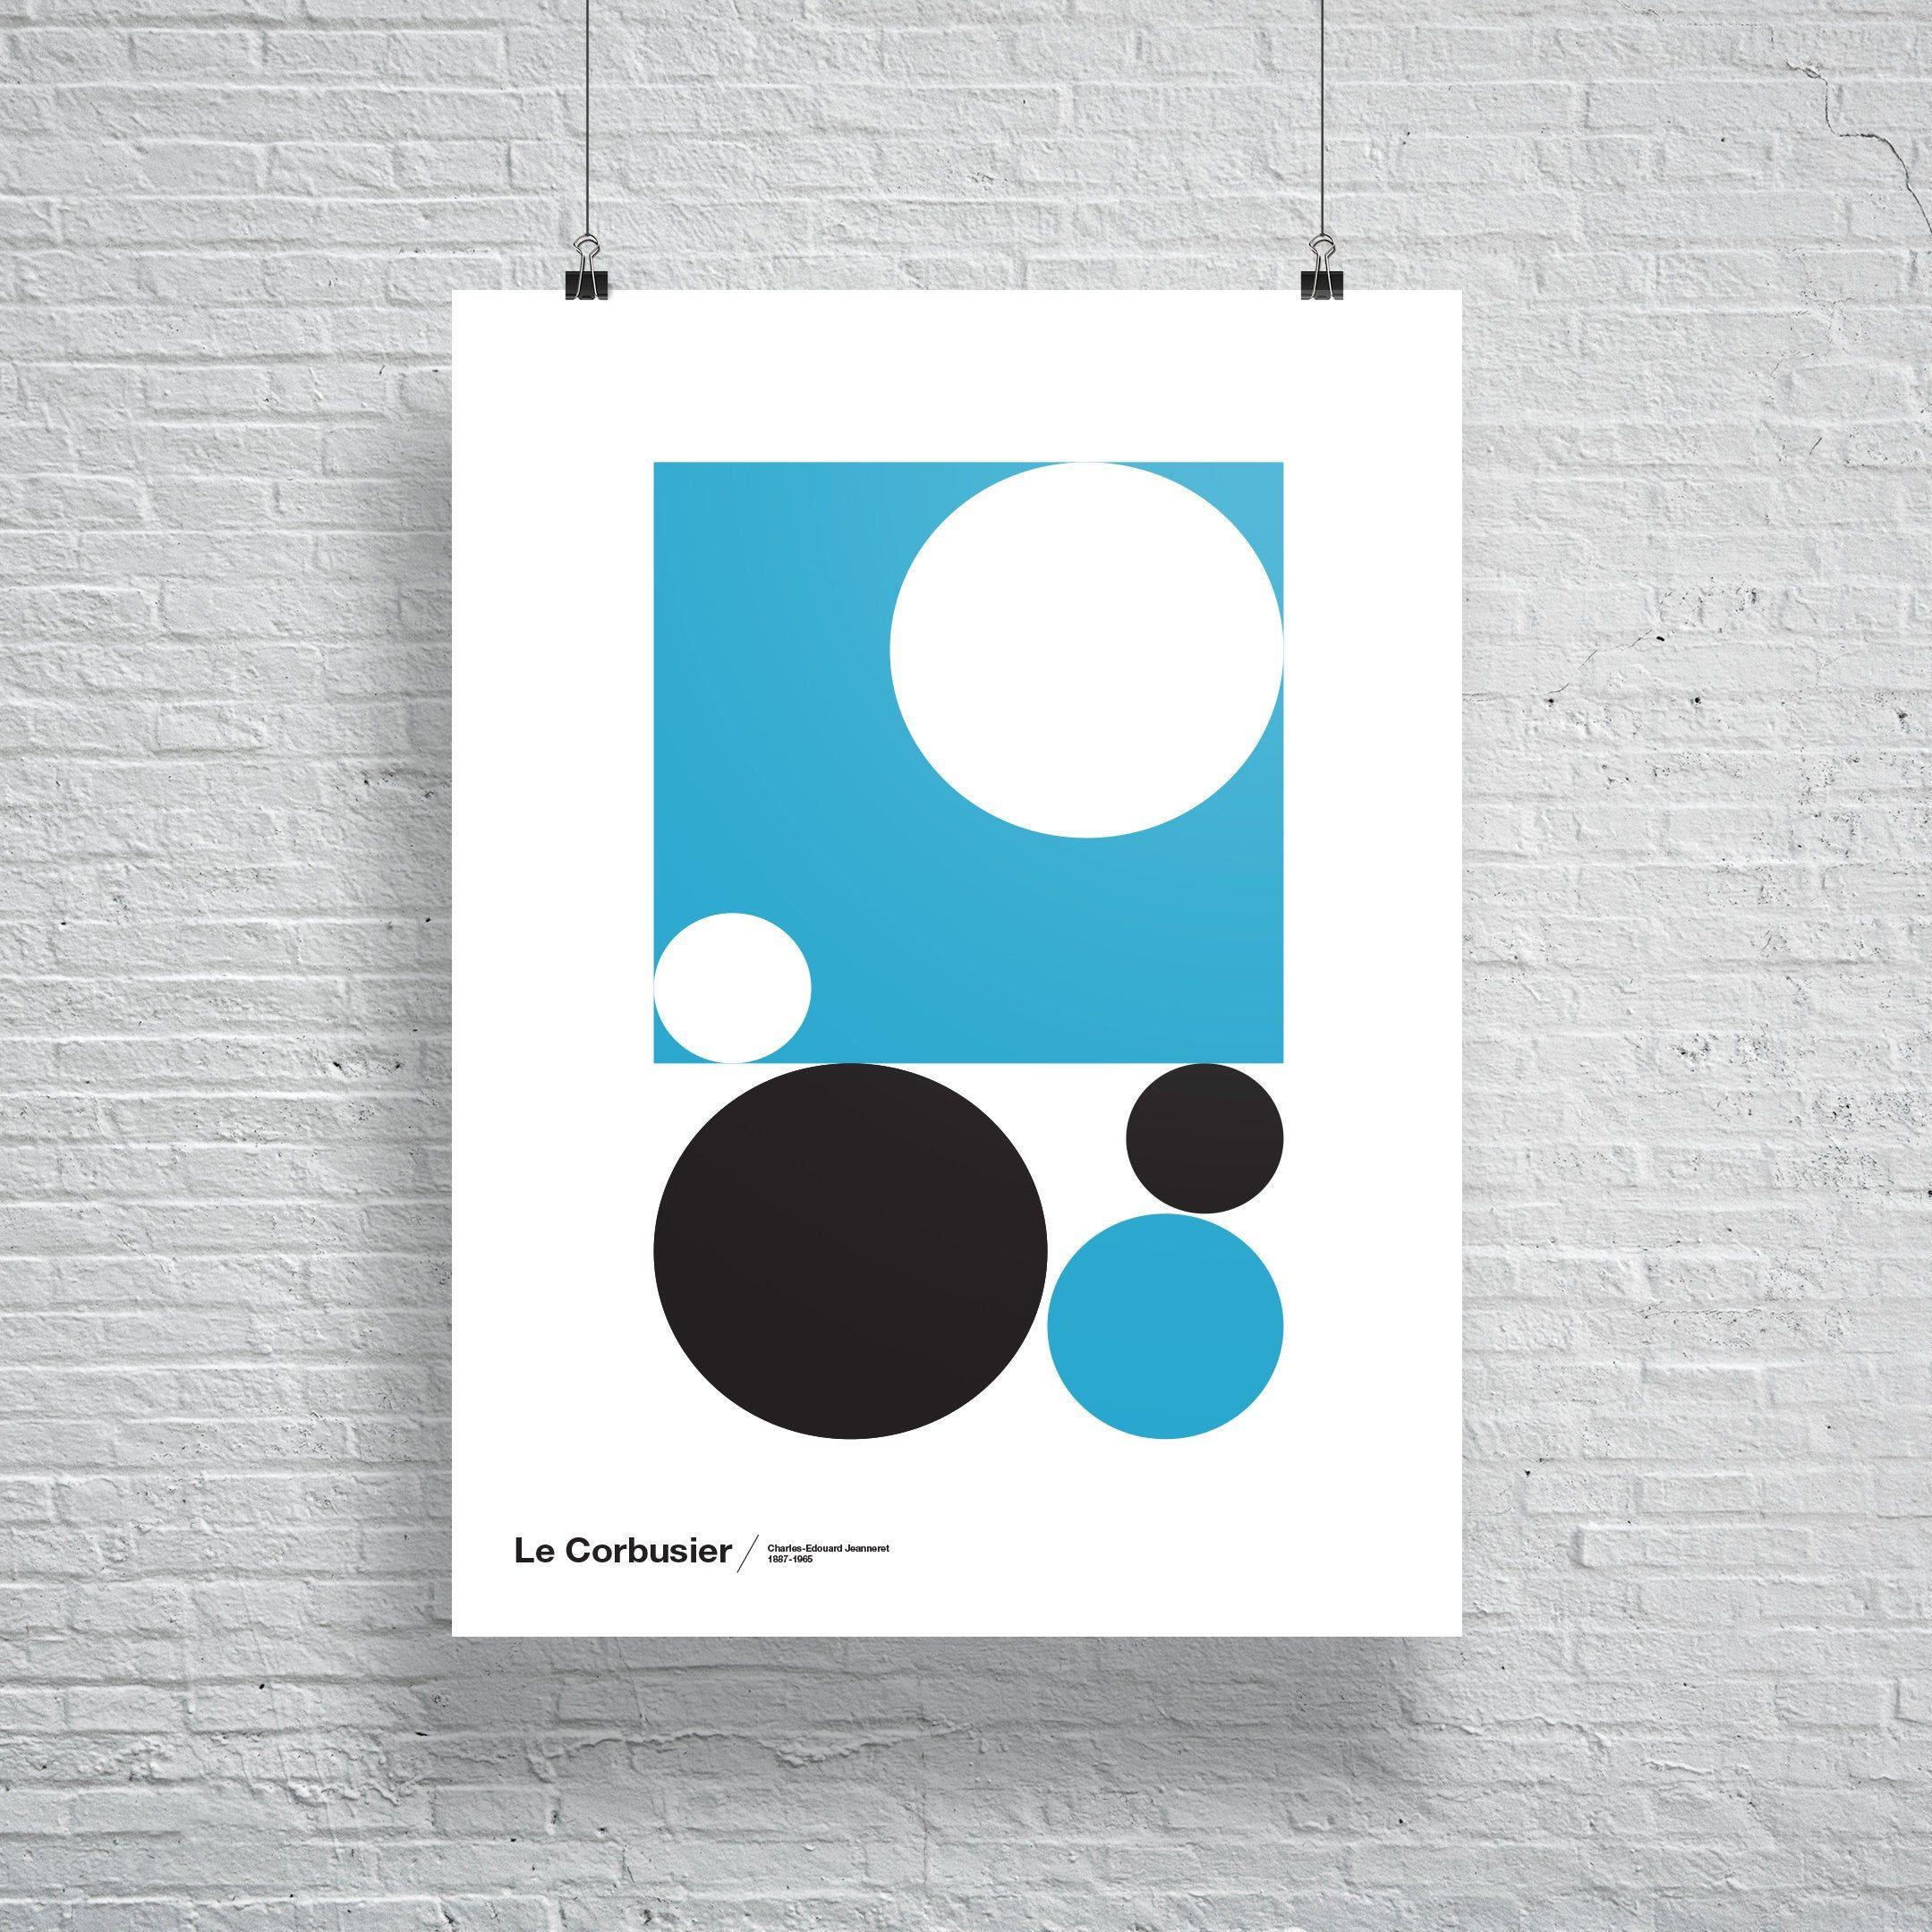 Fibonacci Golden Rule Corbusier Architecture Poster Print Etsy Architecture Poster Poster Prints Art Gallery Wall